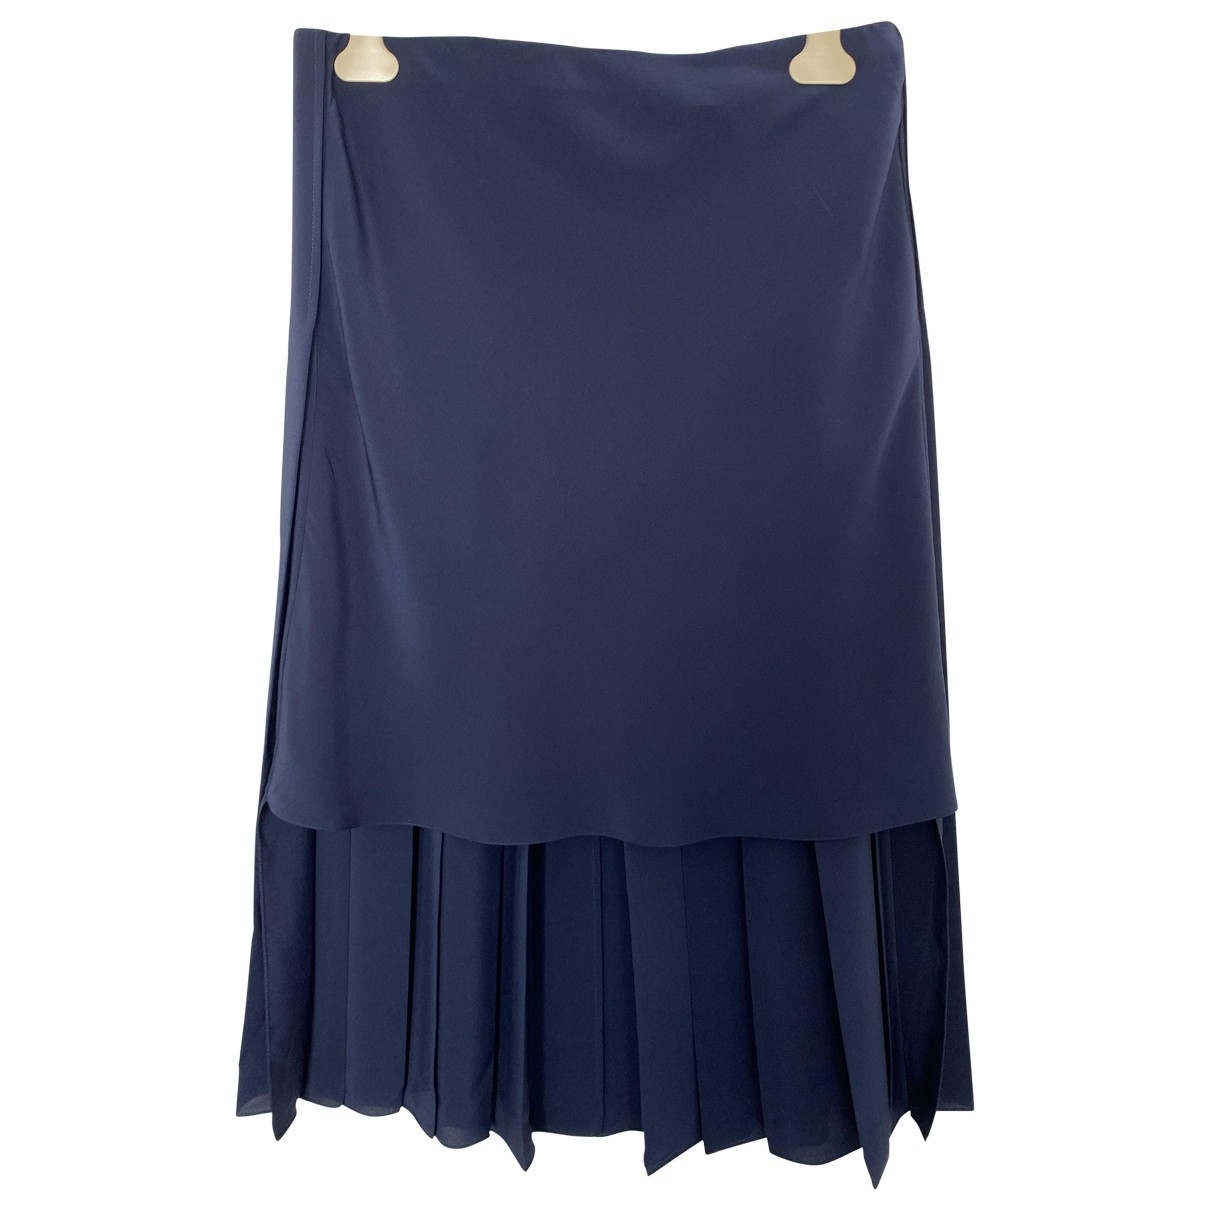 Chloé \N Navy Silk skirt for Women 40 FR